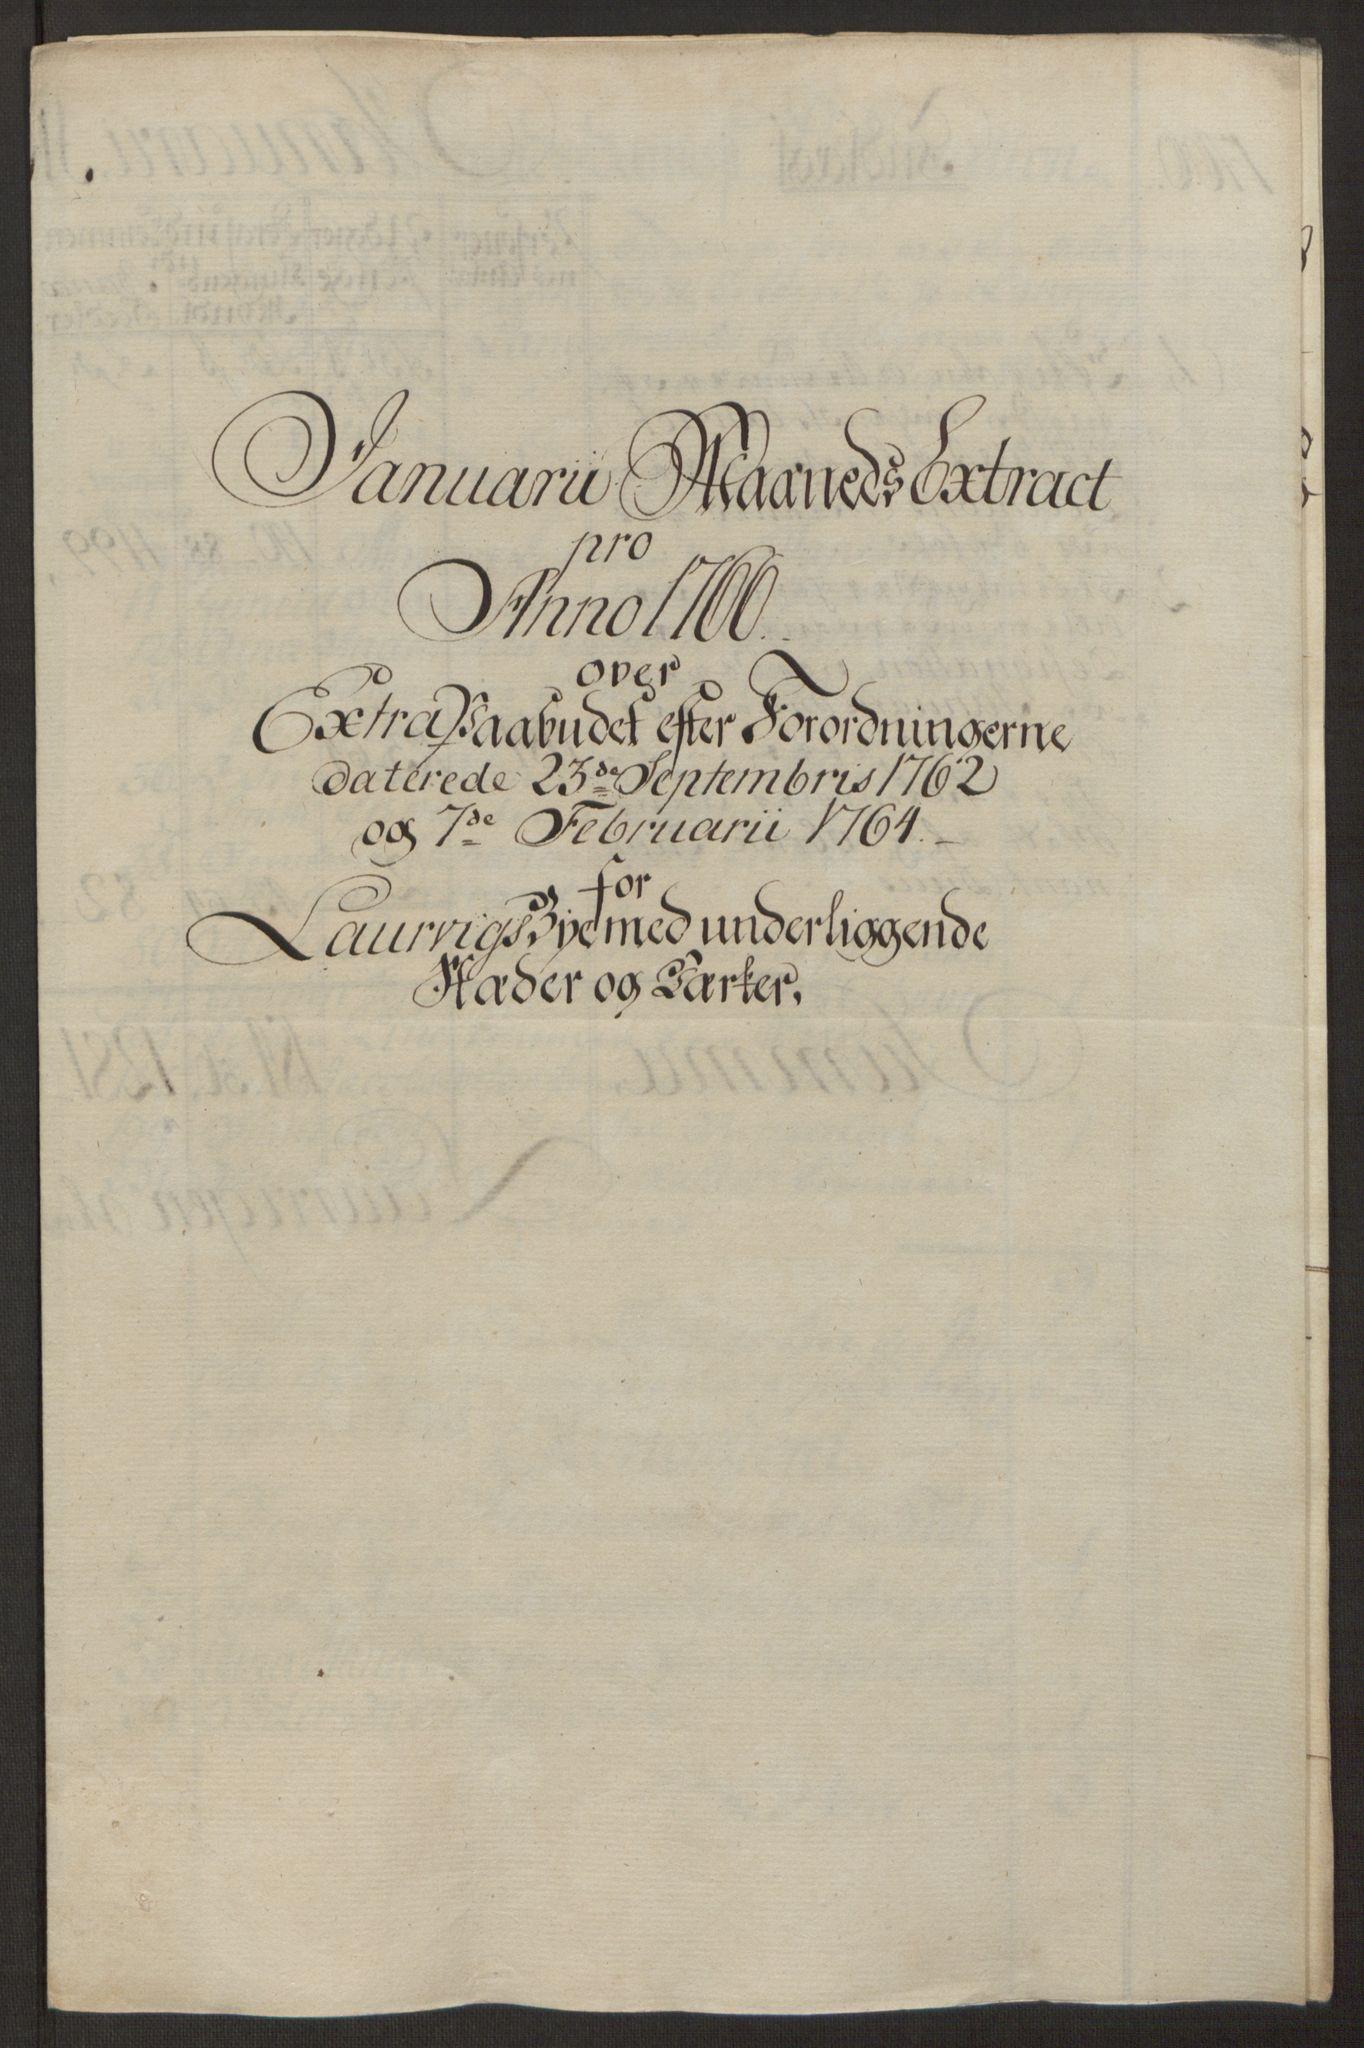 RA, Rentekammeret inntil 1814, Reviderte regnskaper, Byregnskaper, R/Ri/L0183: [I4] Kontribusjonsregnskap, 1762-1768, s. 327